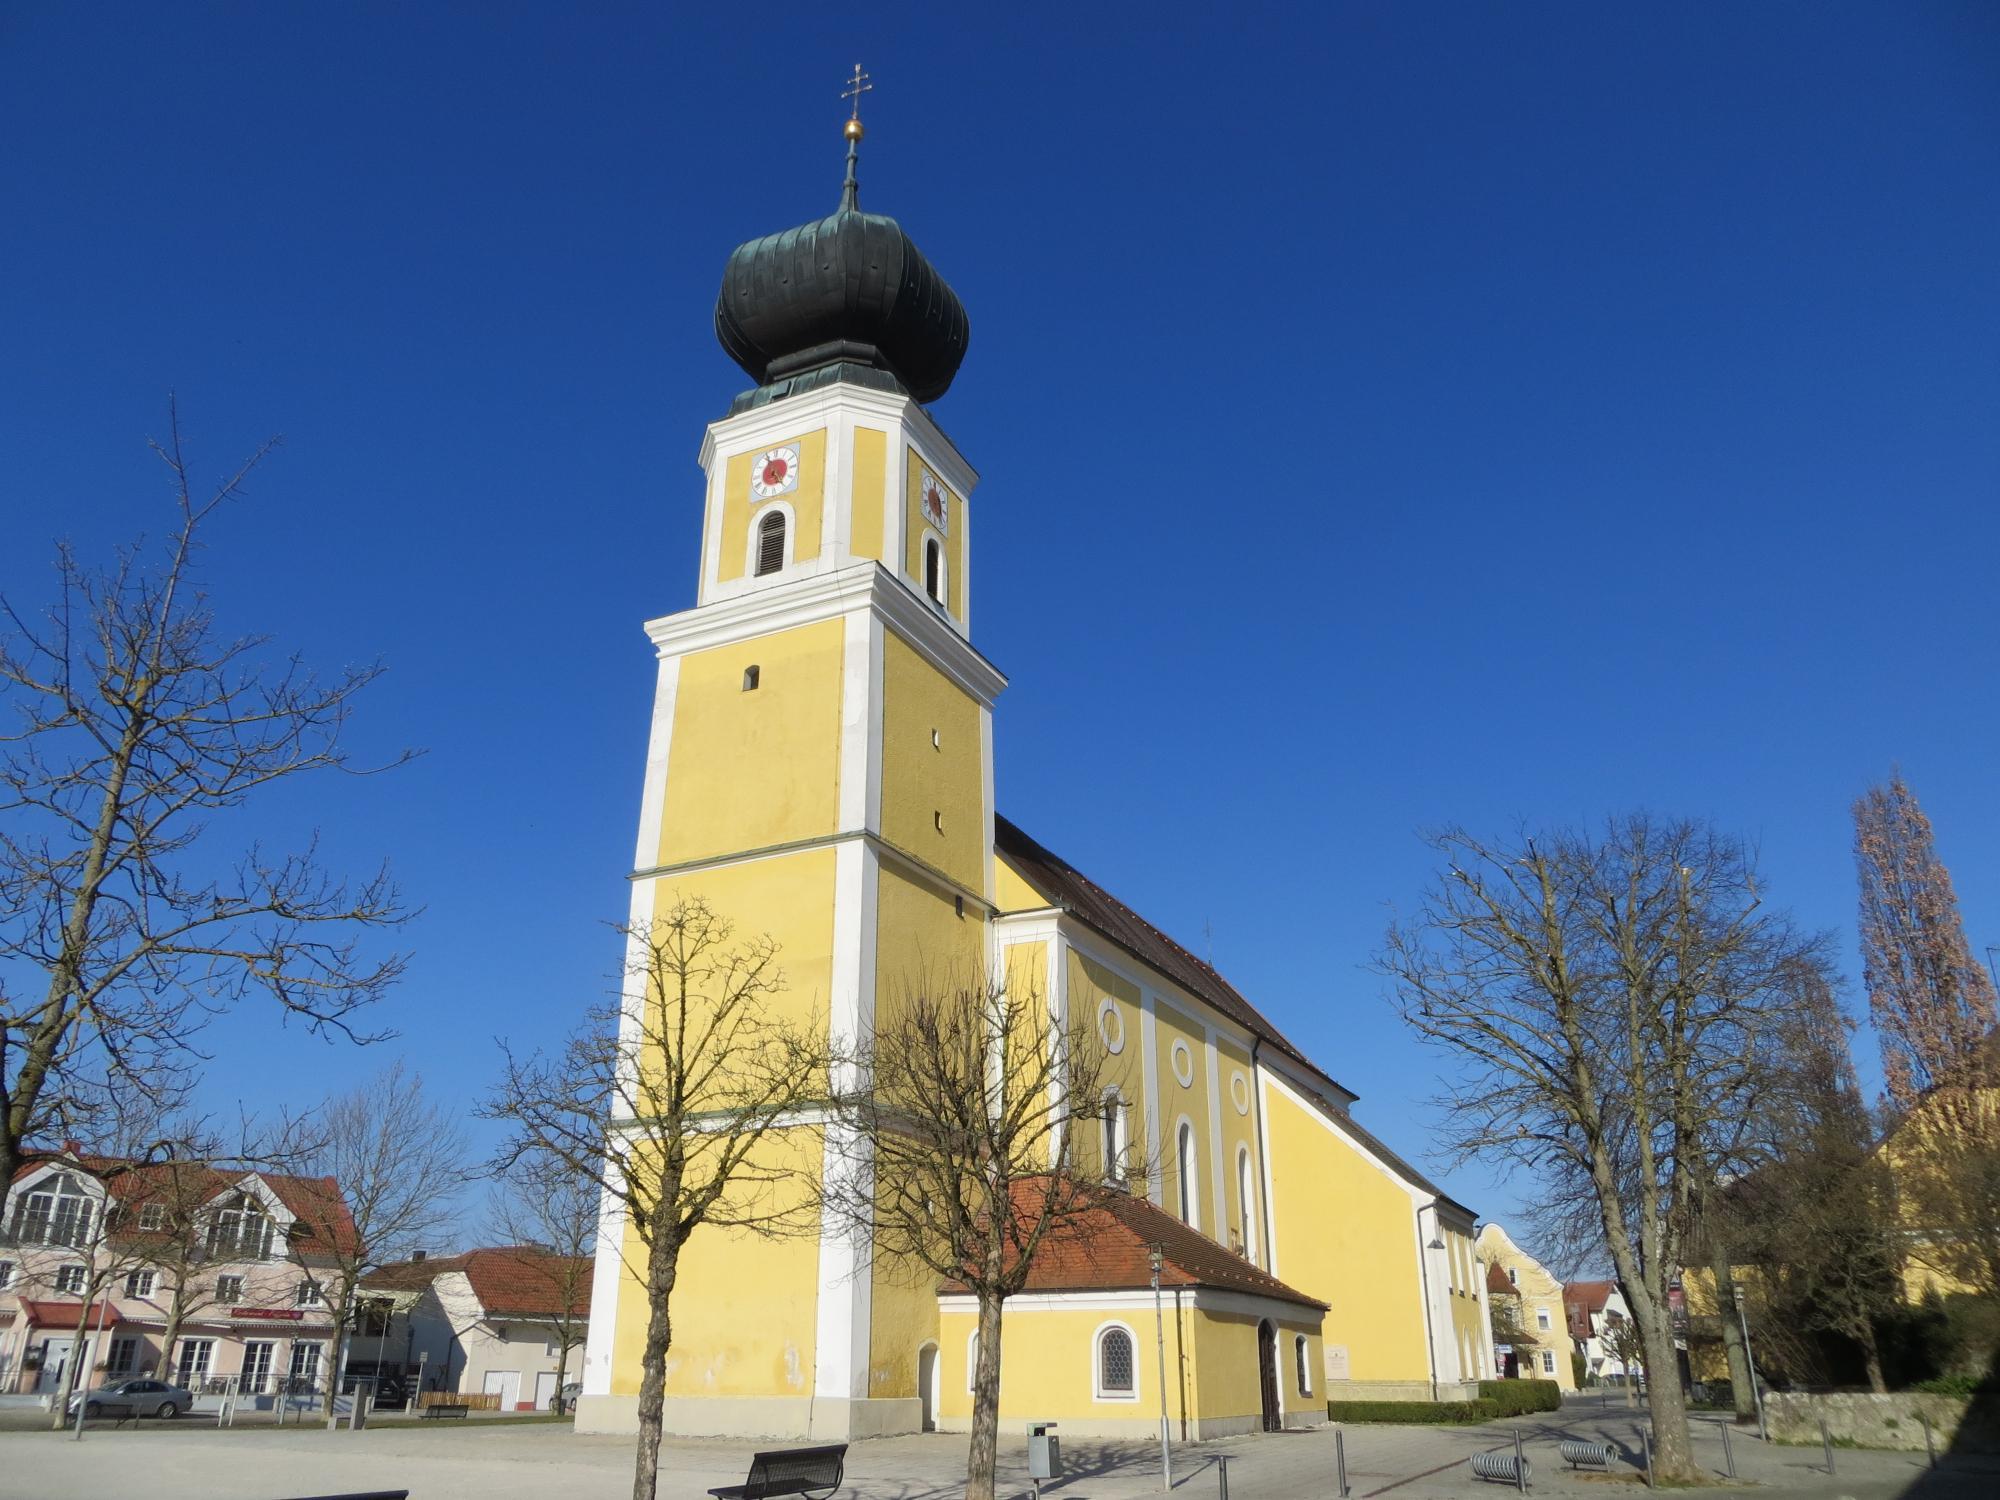 Pocking Pfarrkirche außen 3